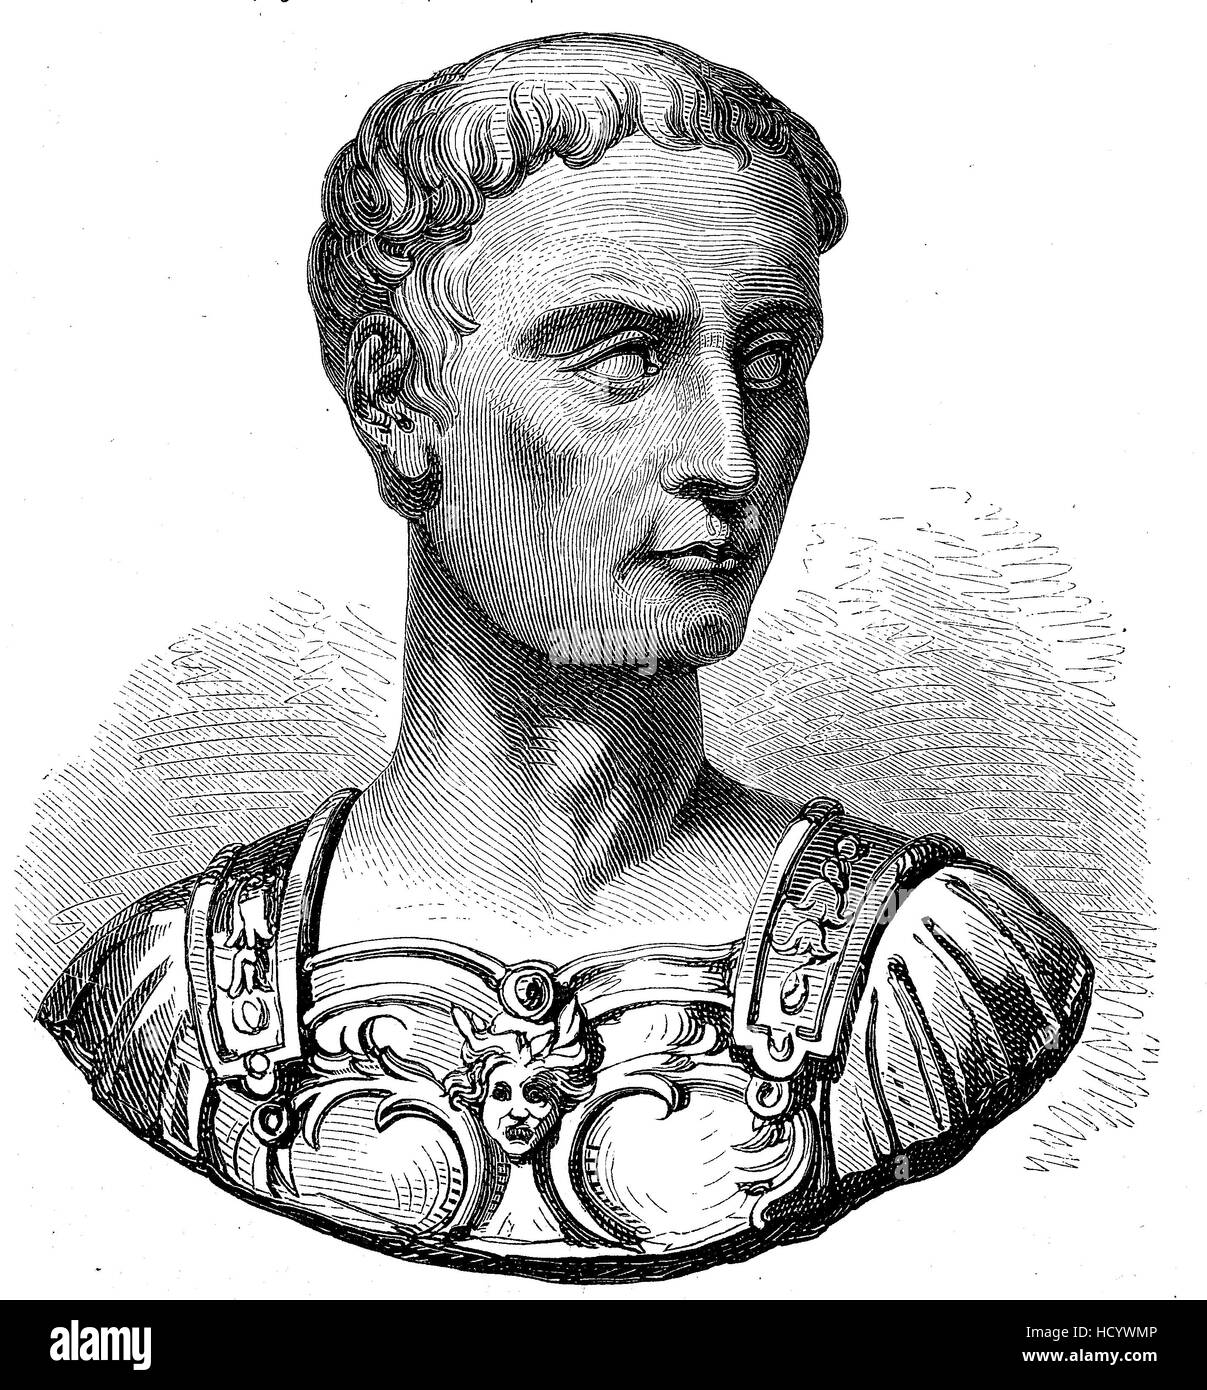 Gaius Julius Caesar, 100 BC - 44 BC, Julius Caesar, the story of the ancient Rome, roman Empire, Italy - Stock Image